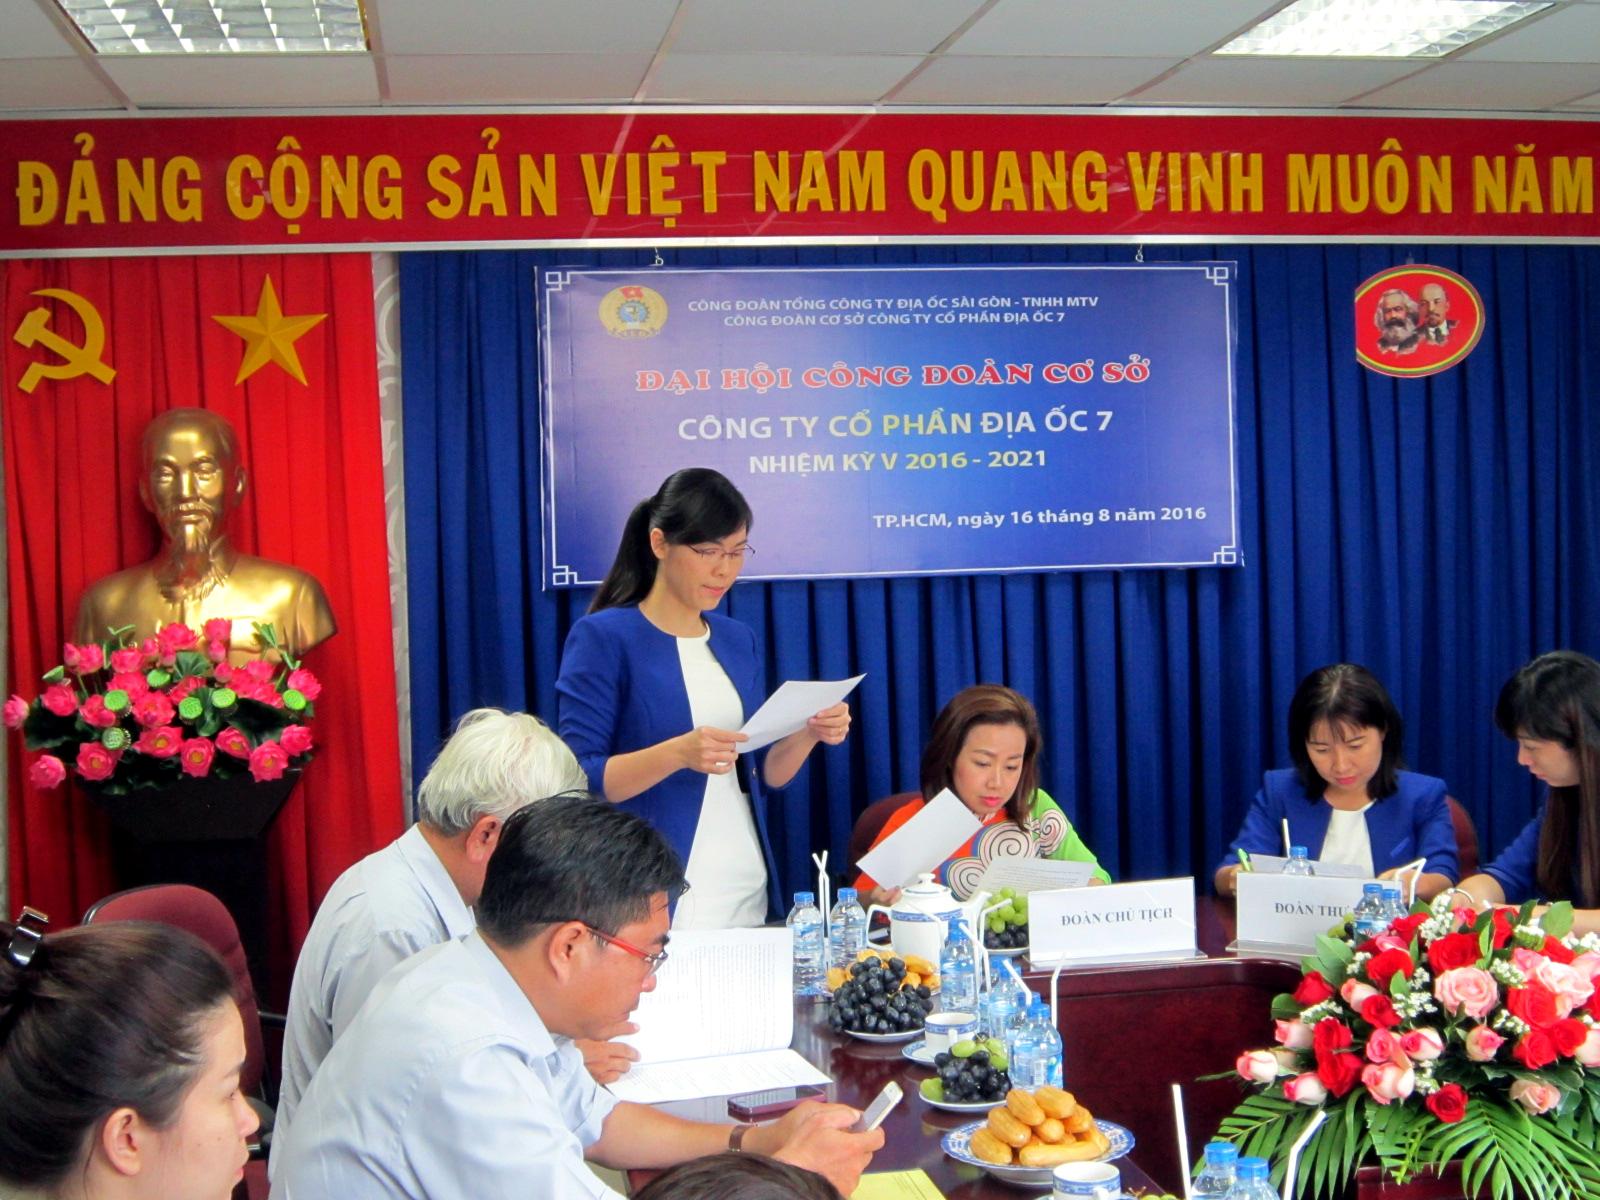 Đại hội Công đoàn Cơ sở nhiệm kỳ V (2016-2021)